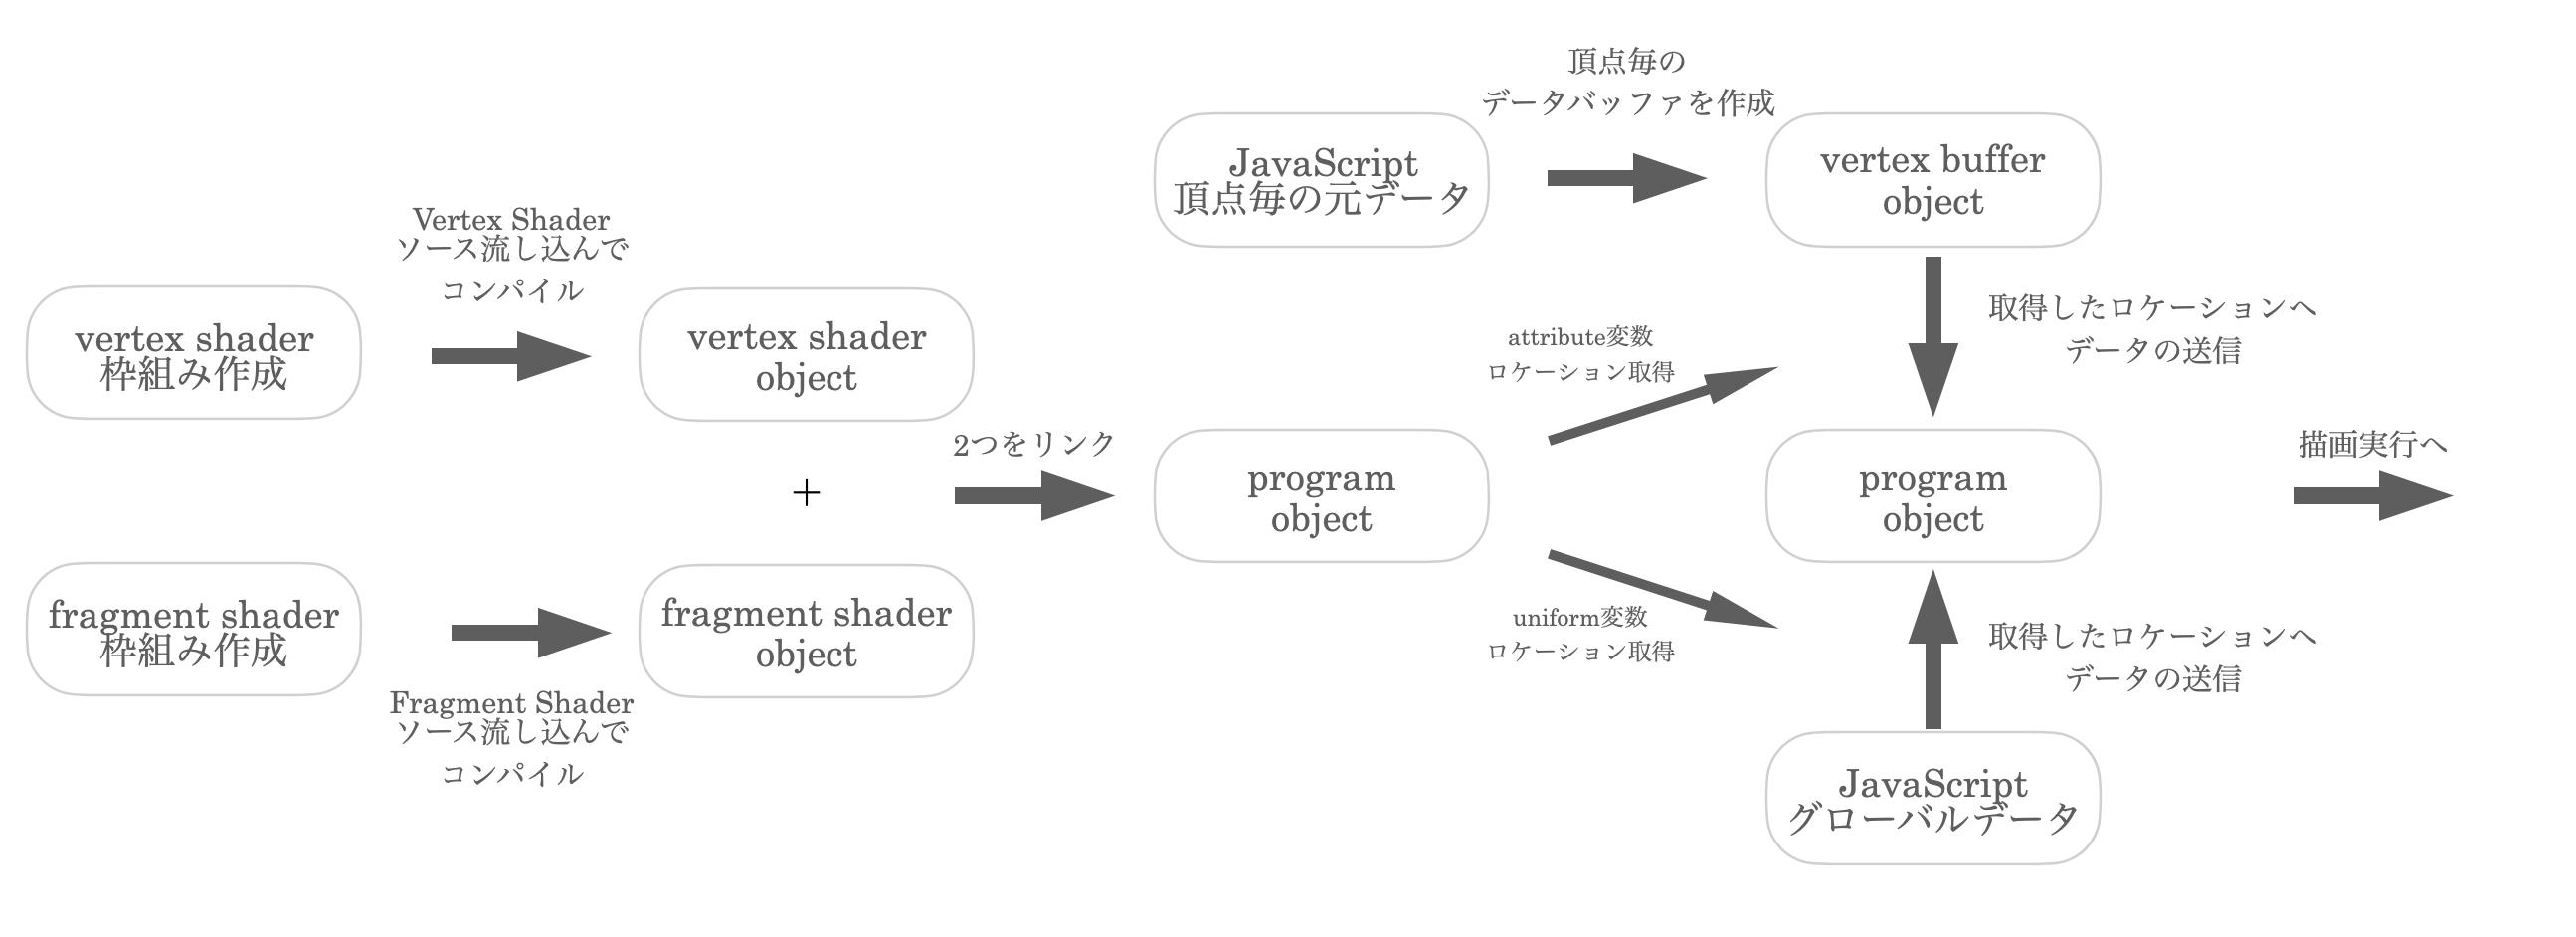 webgl_compile.png